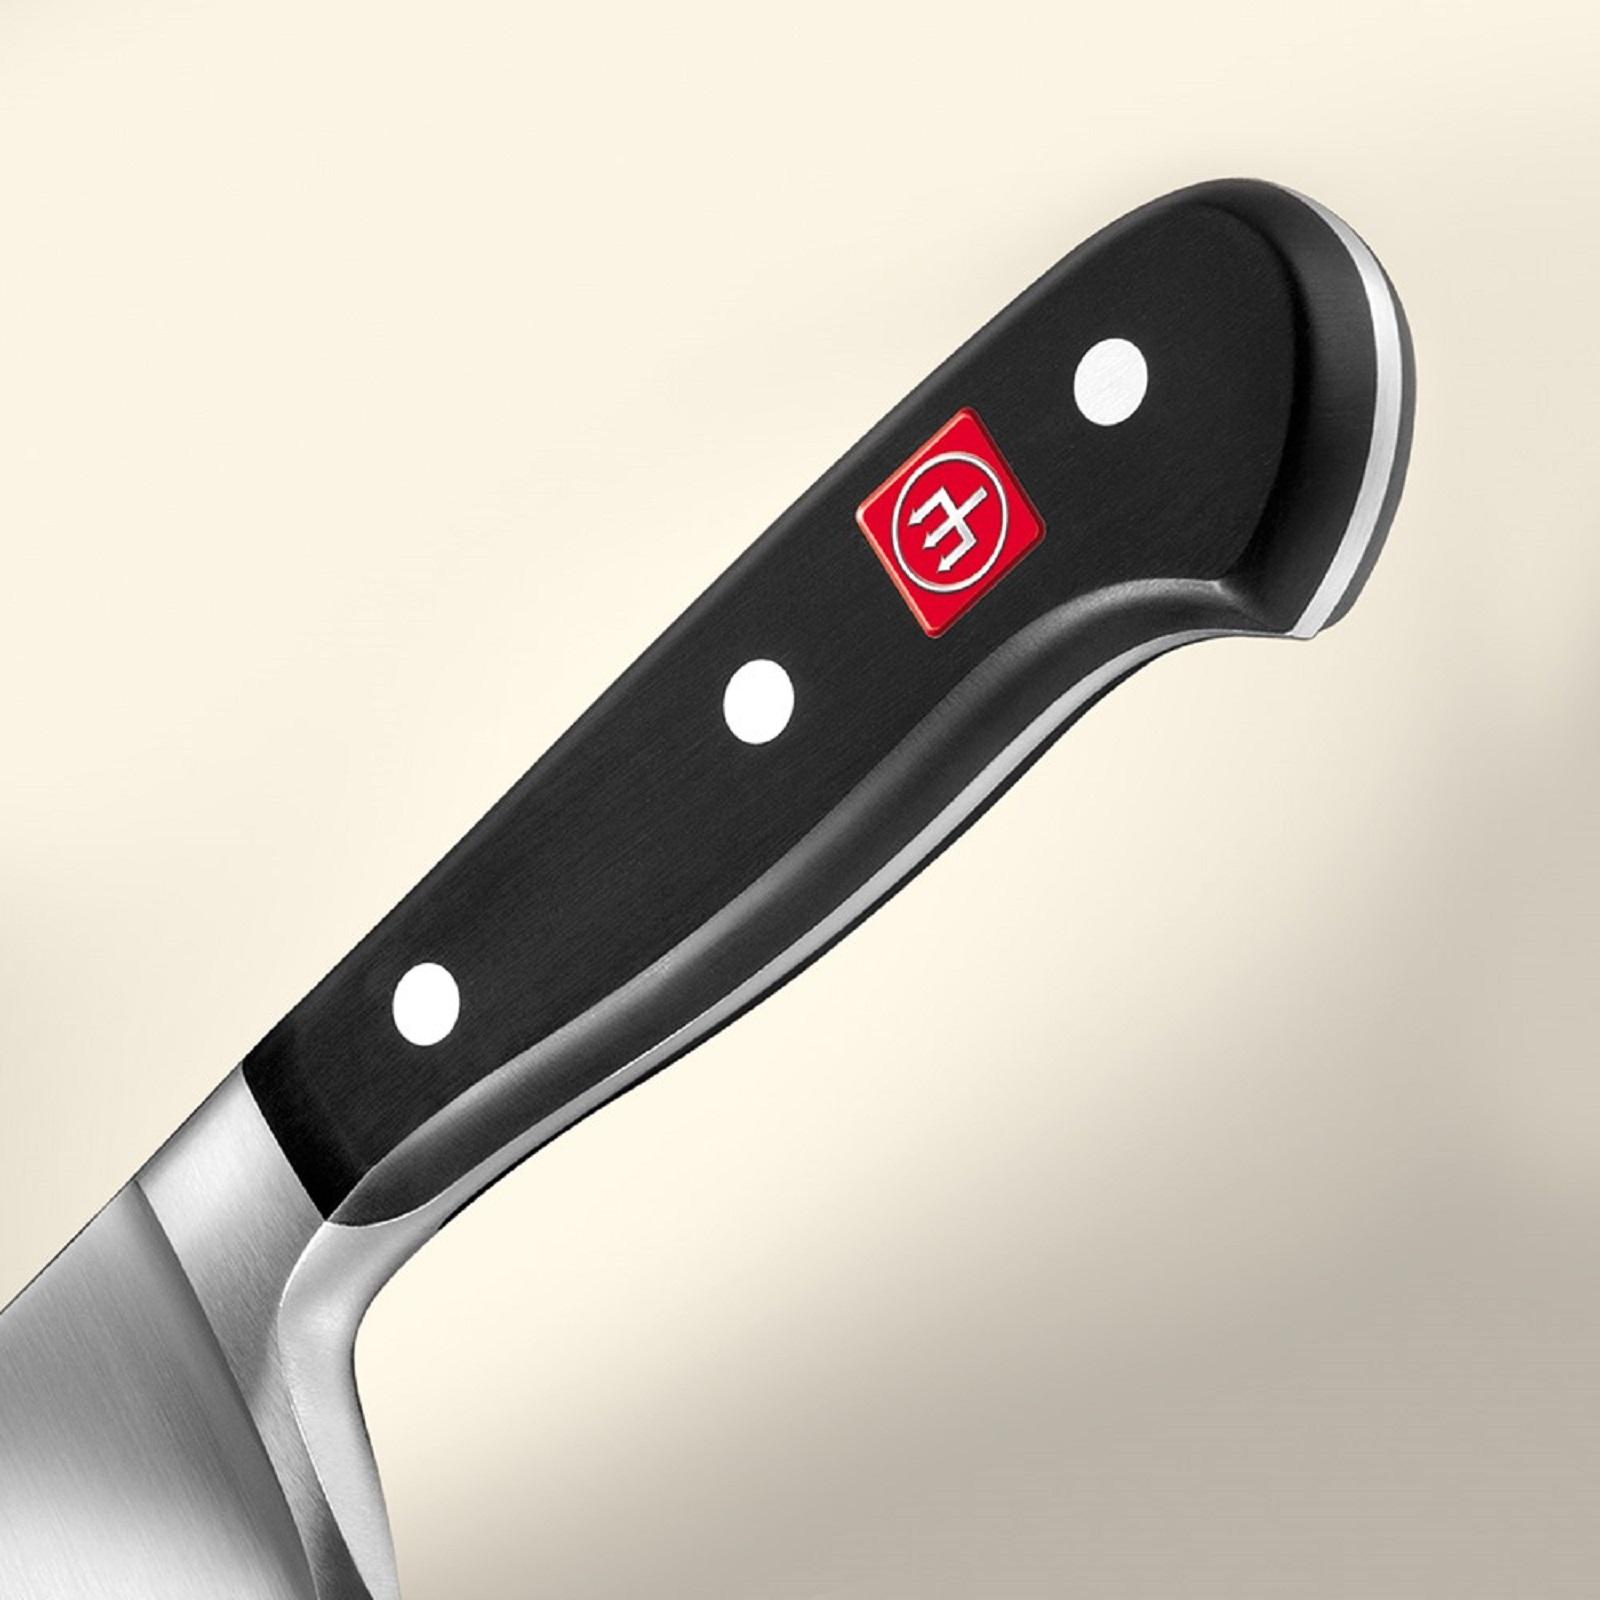 Нож для нарезки универсальный Wuesthof Classic, 16 см Wuesthof 4522/16 фото 3